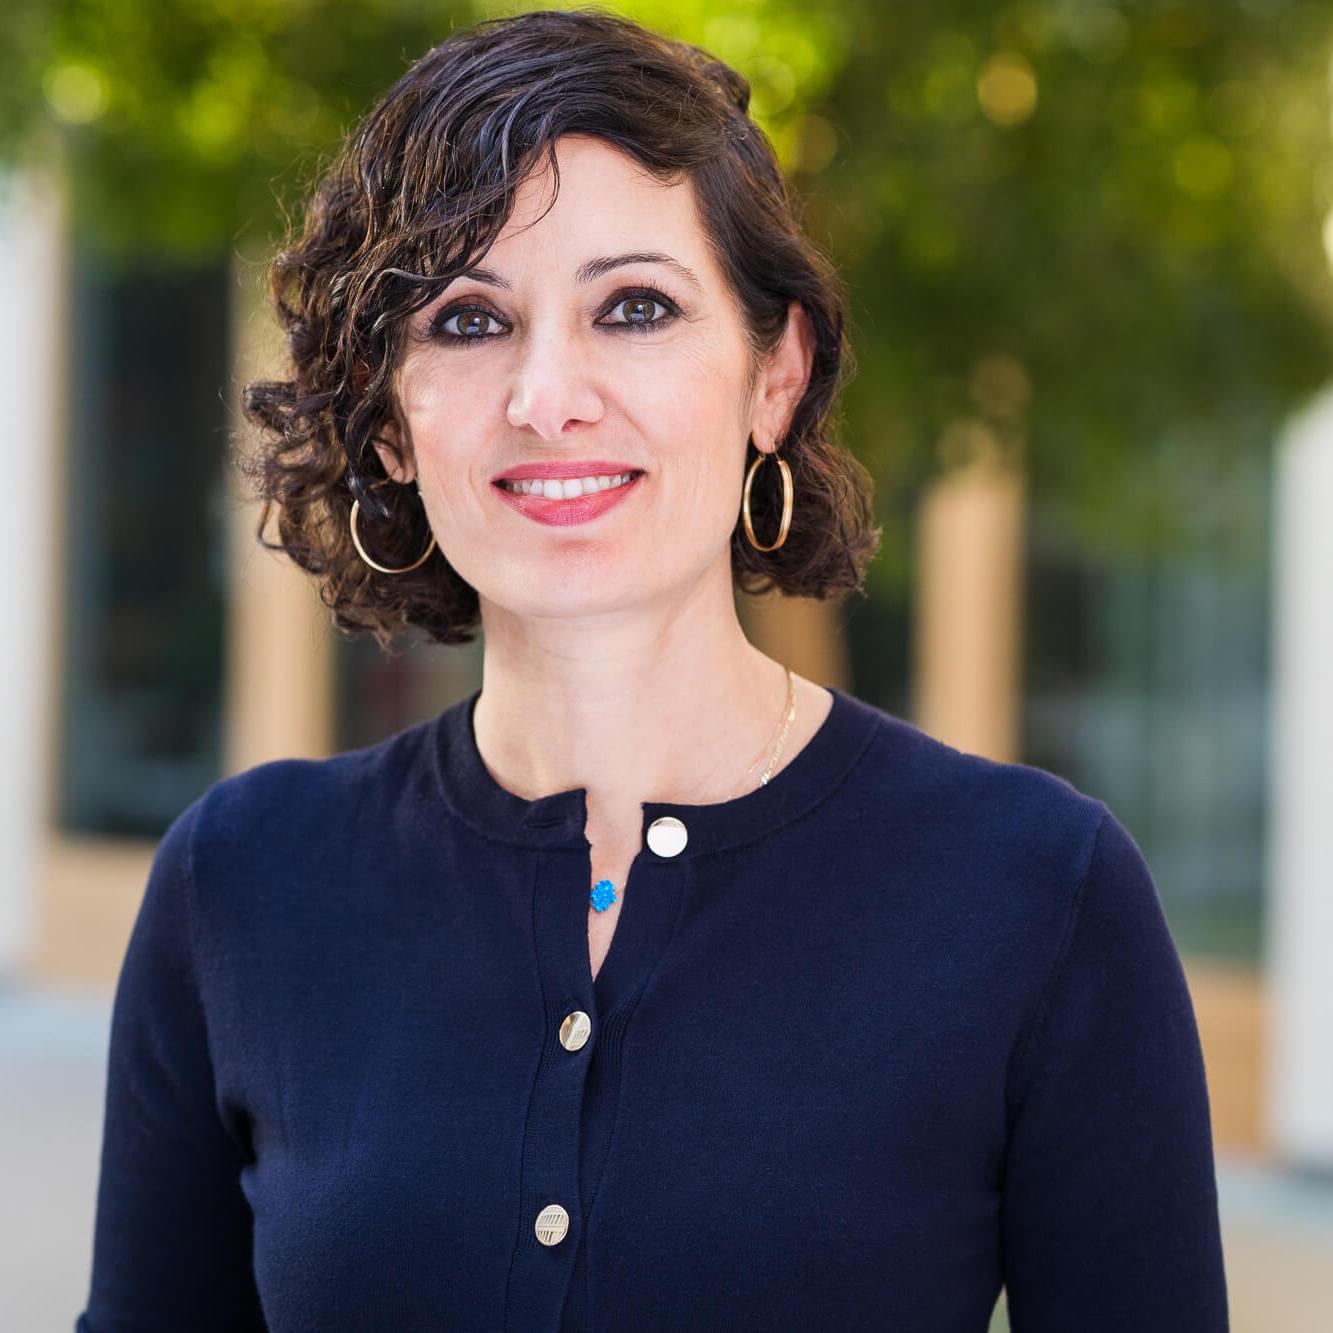 Prof. Dr. Naika Foroutan